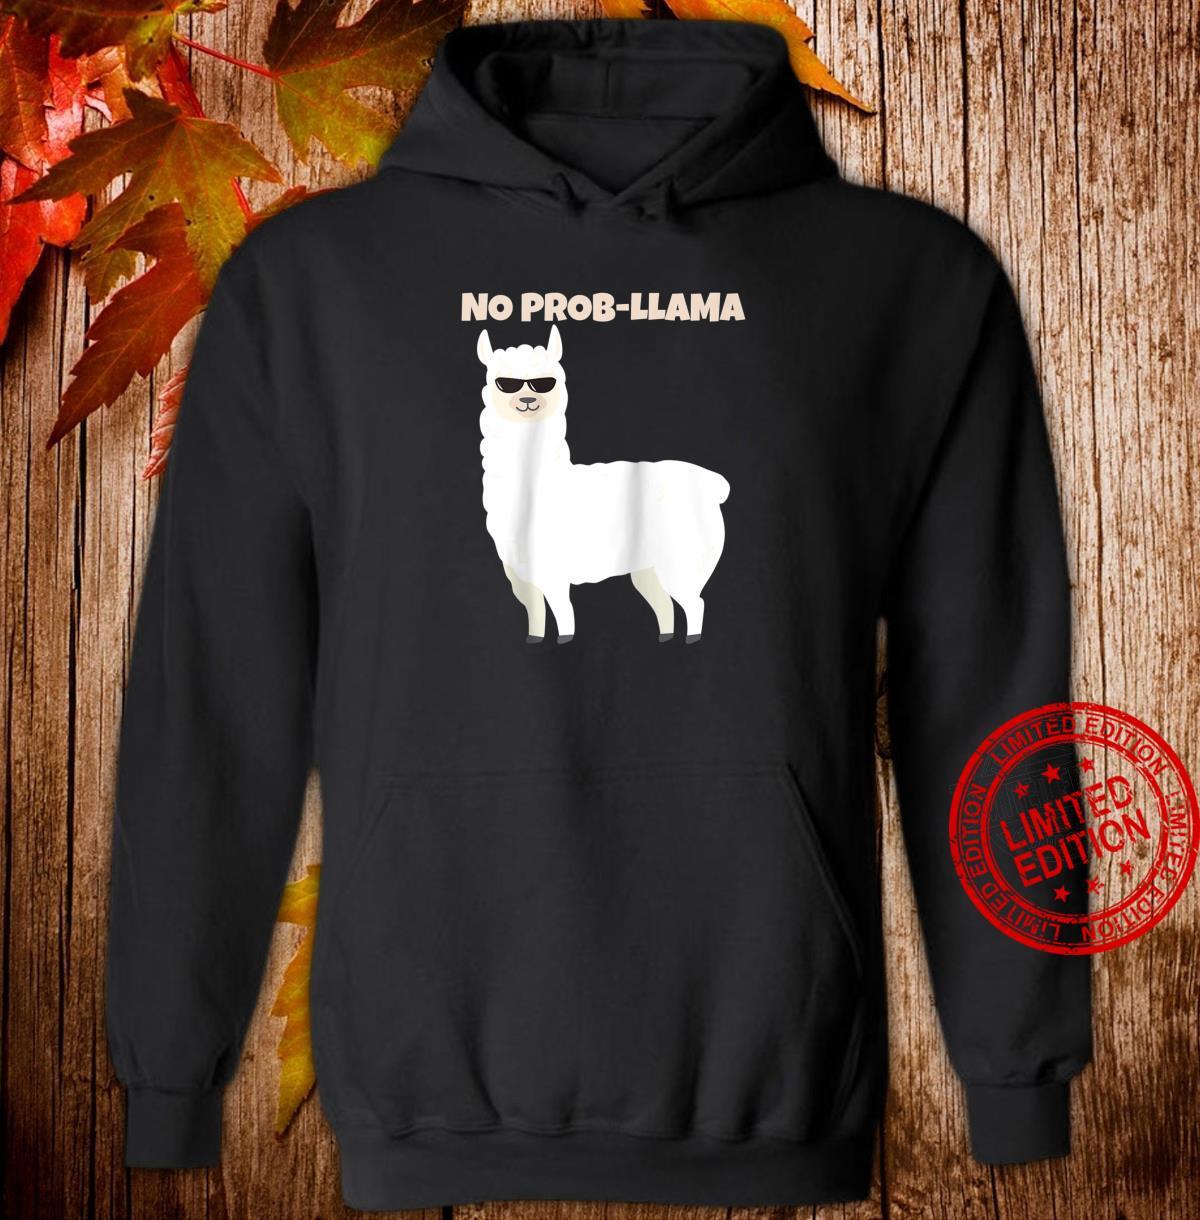 No Probllama Shirt Llama Christmas Shirt hoodie